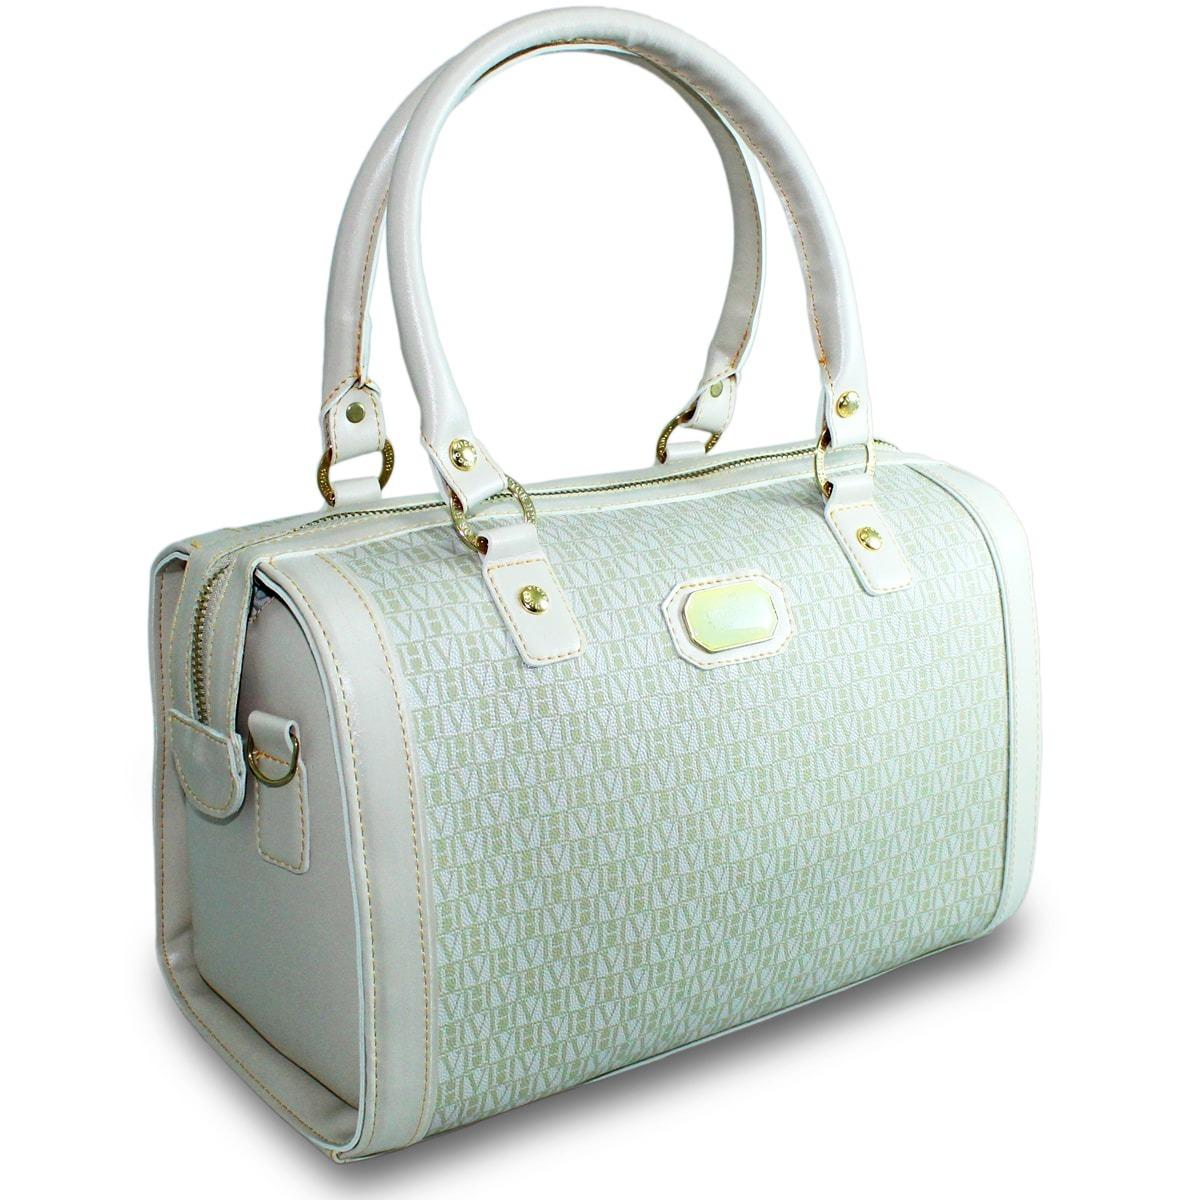 91dd4e9d2faea bolsa transversal tiracolo maleta victor hugo baú promoção. Carregando zoom.